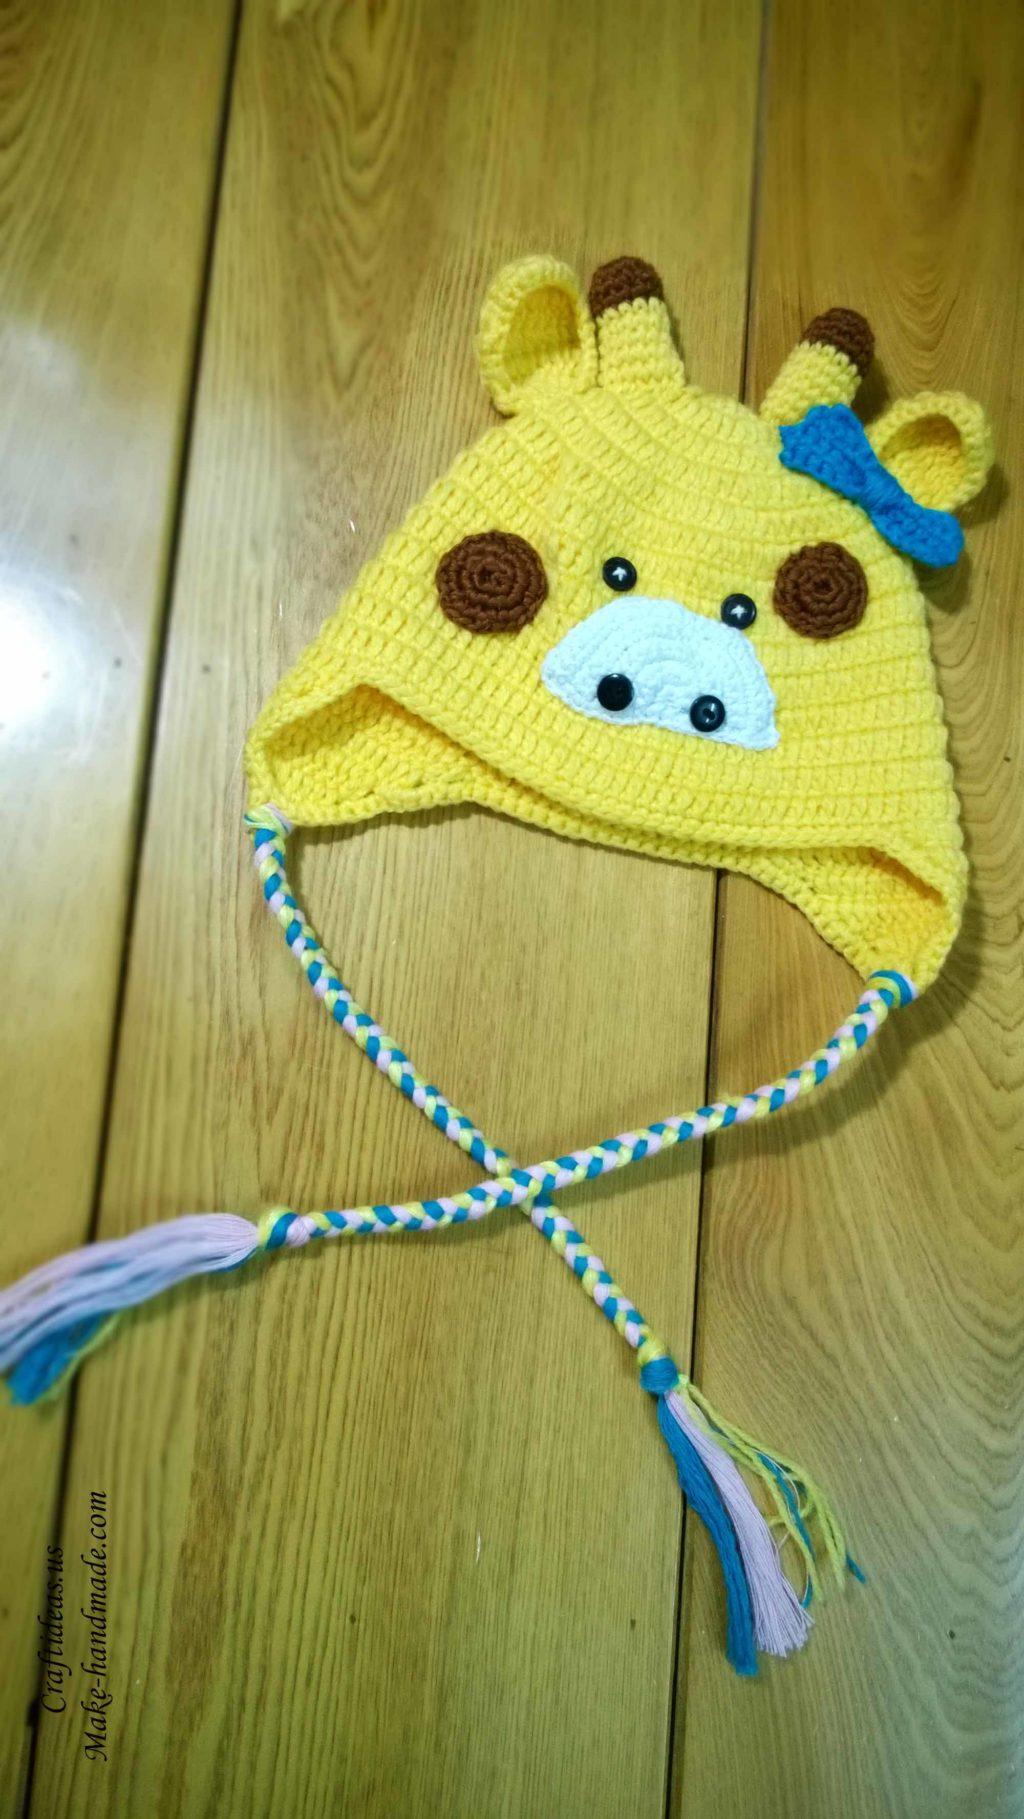 Crochet cute giraffe baby hat craft ideas for Crochet crafts for kids